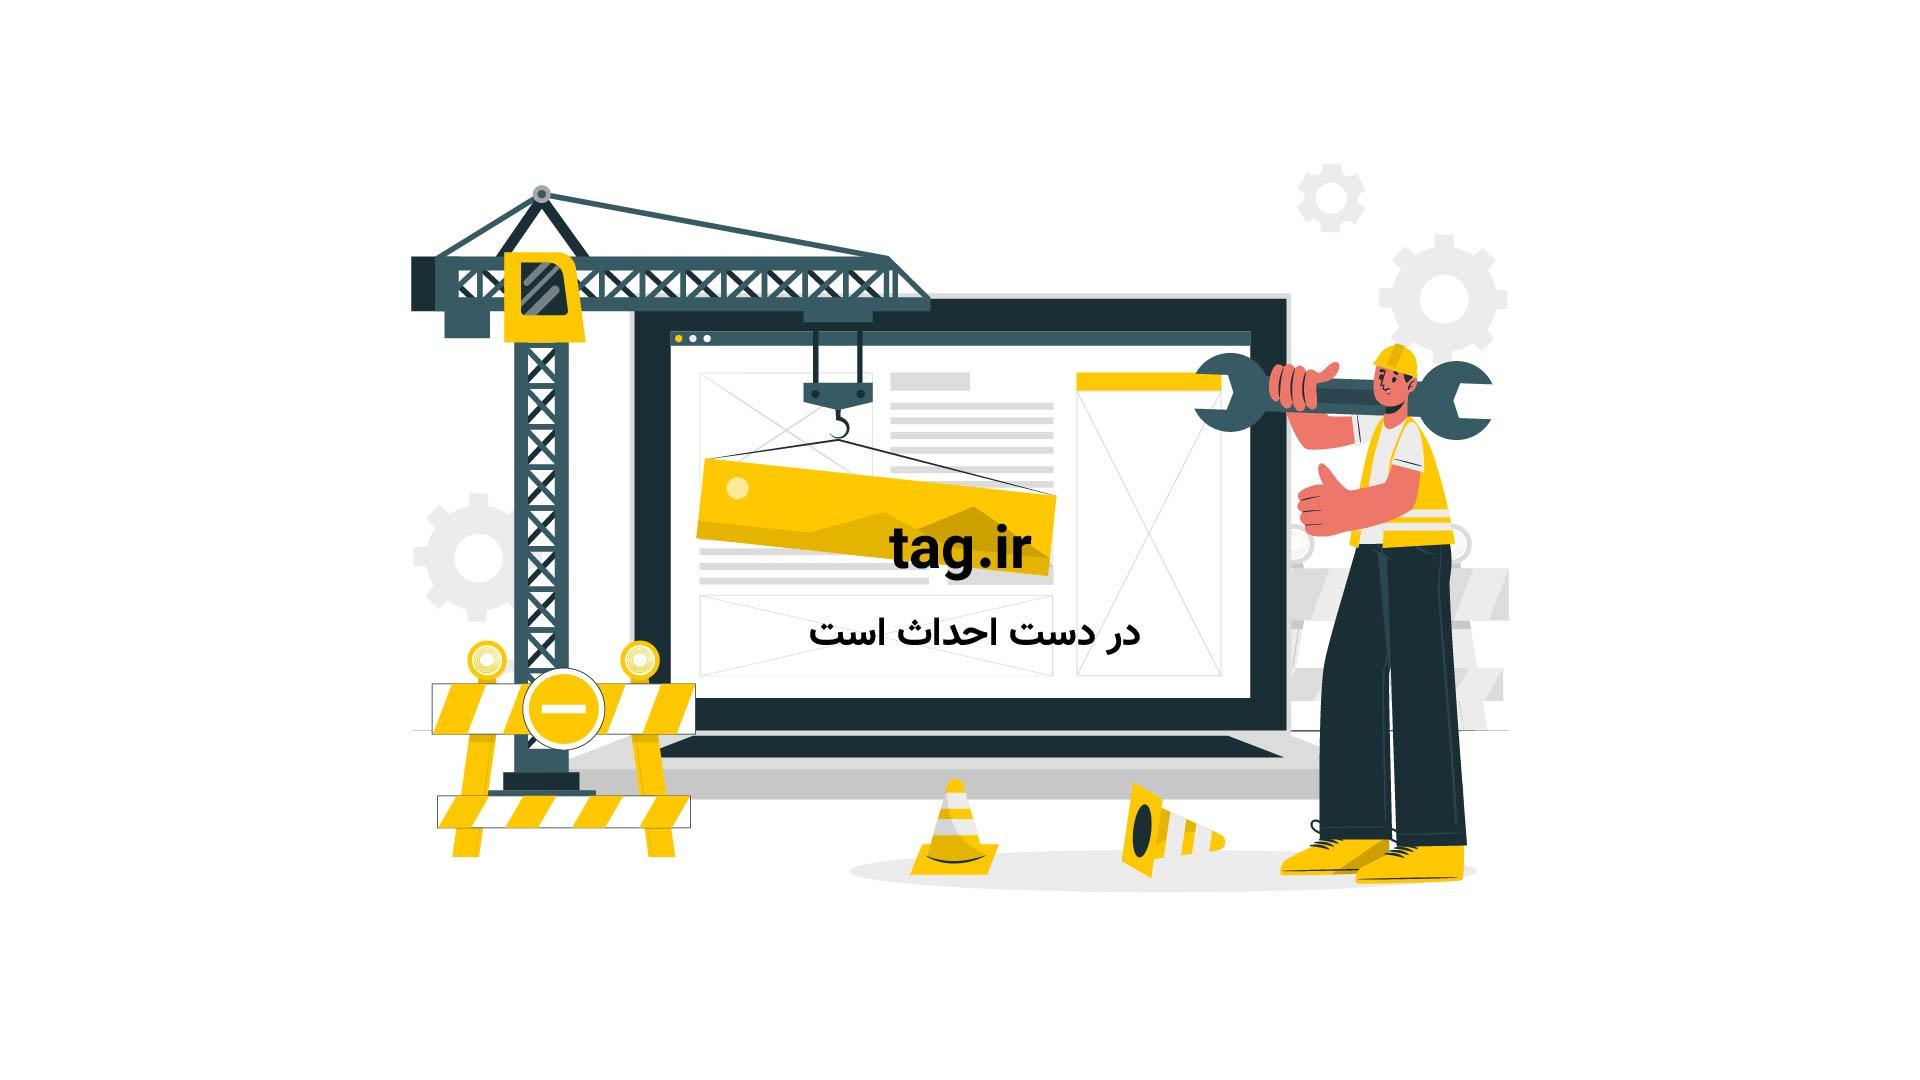 خروج-مترو-از-ریل | تگ